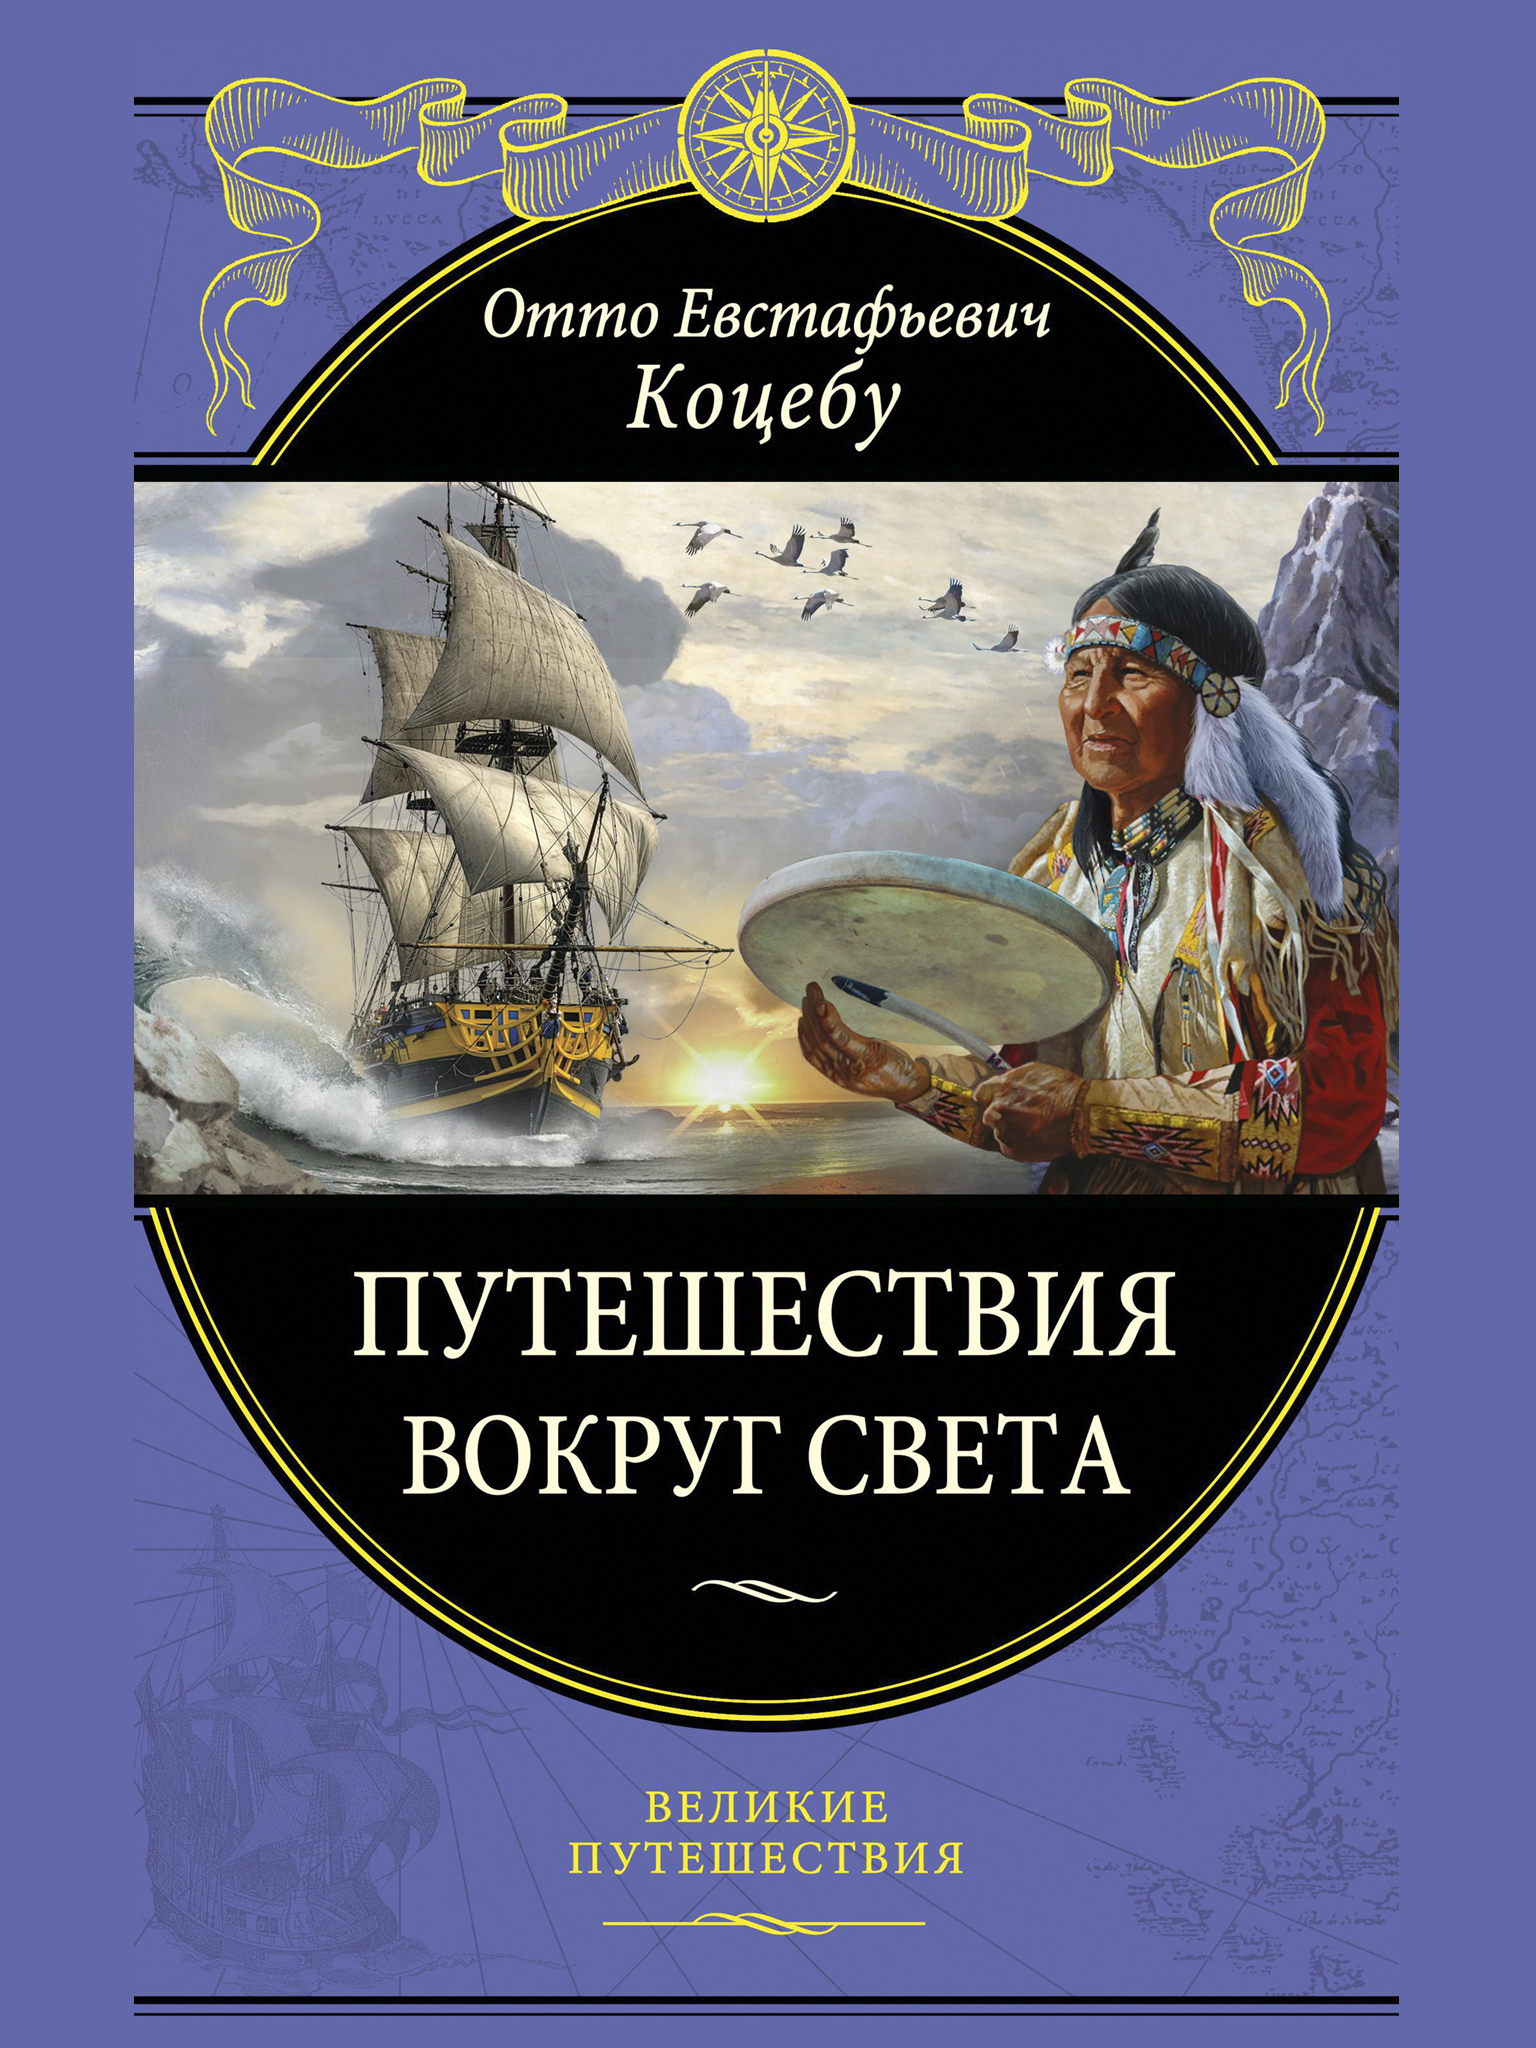 Отто Евстафьевич Коцебу Путешествия вокруг света отто евстафьевич коцебу путешествие в южный океан и берингов пролив… на корабле рюрик том 1